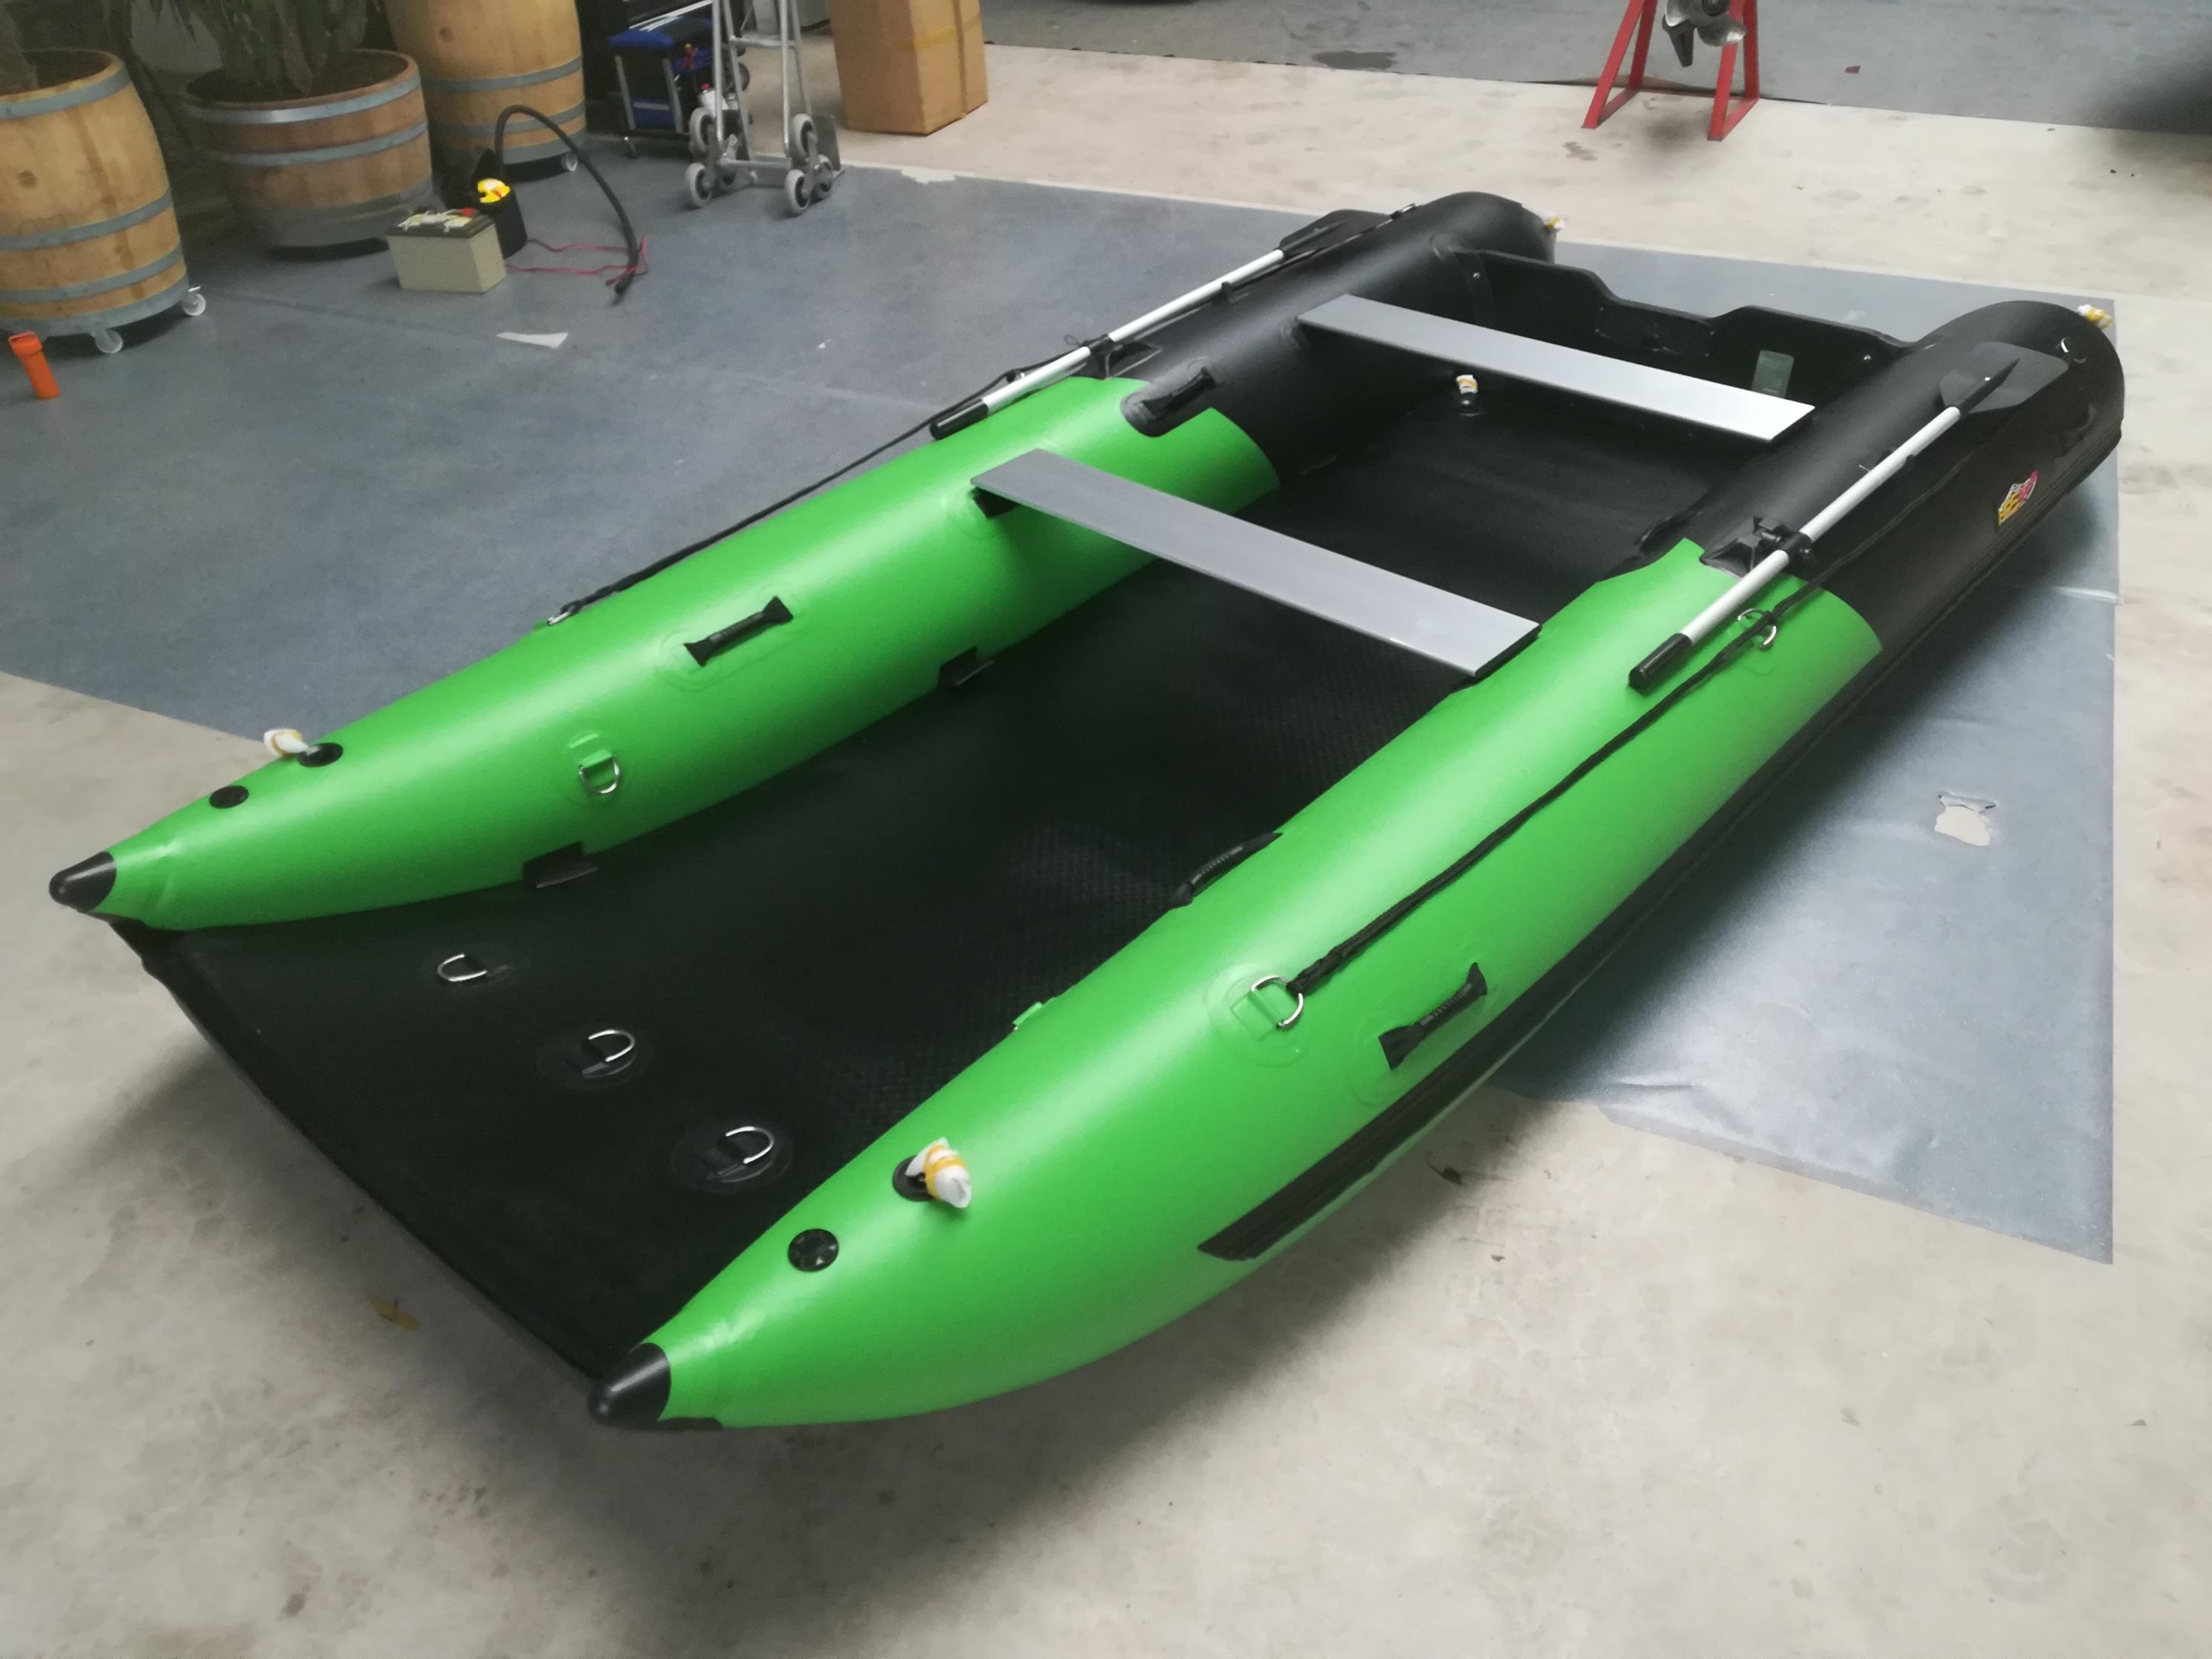 Schlauchboot HPS-Cat 420 Grün/ Schwarz !Neu jetzt mit GFK Spiegel !